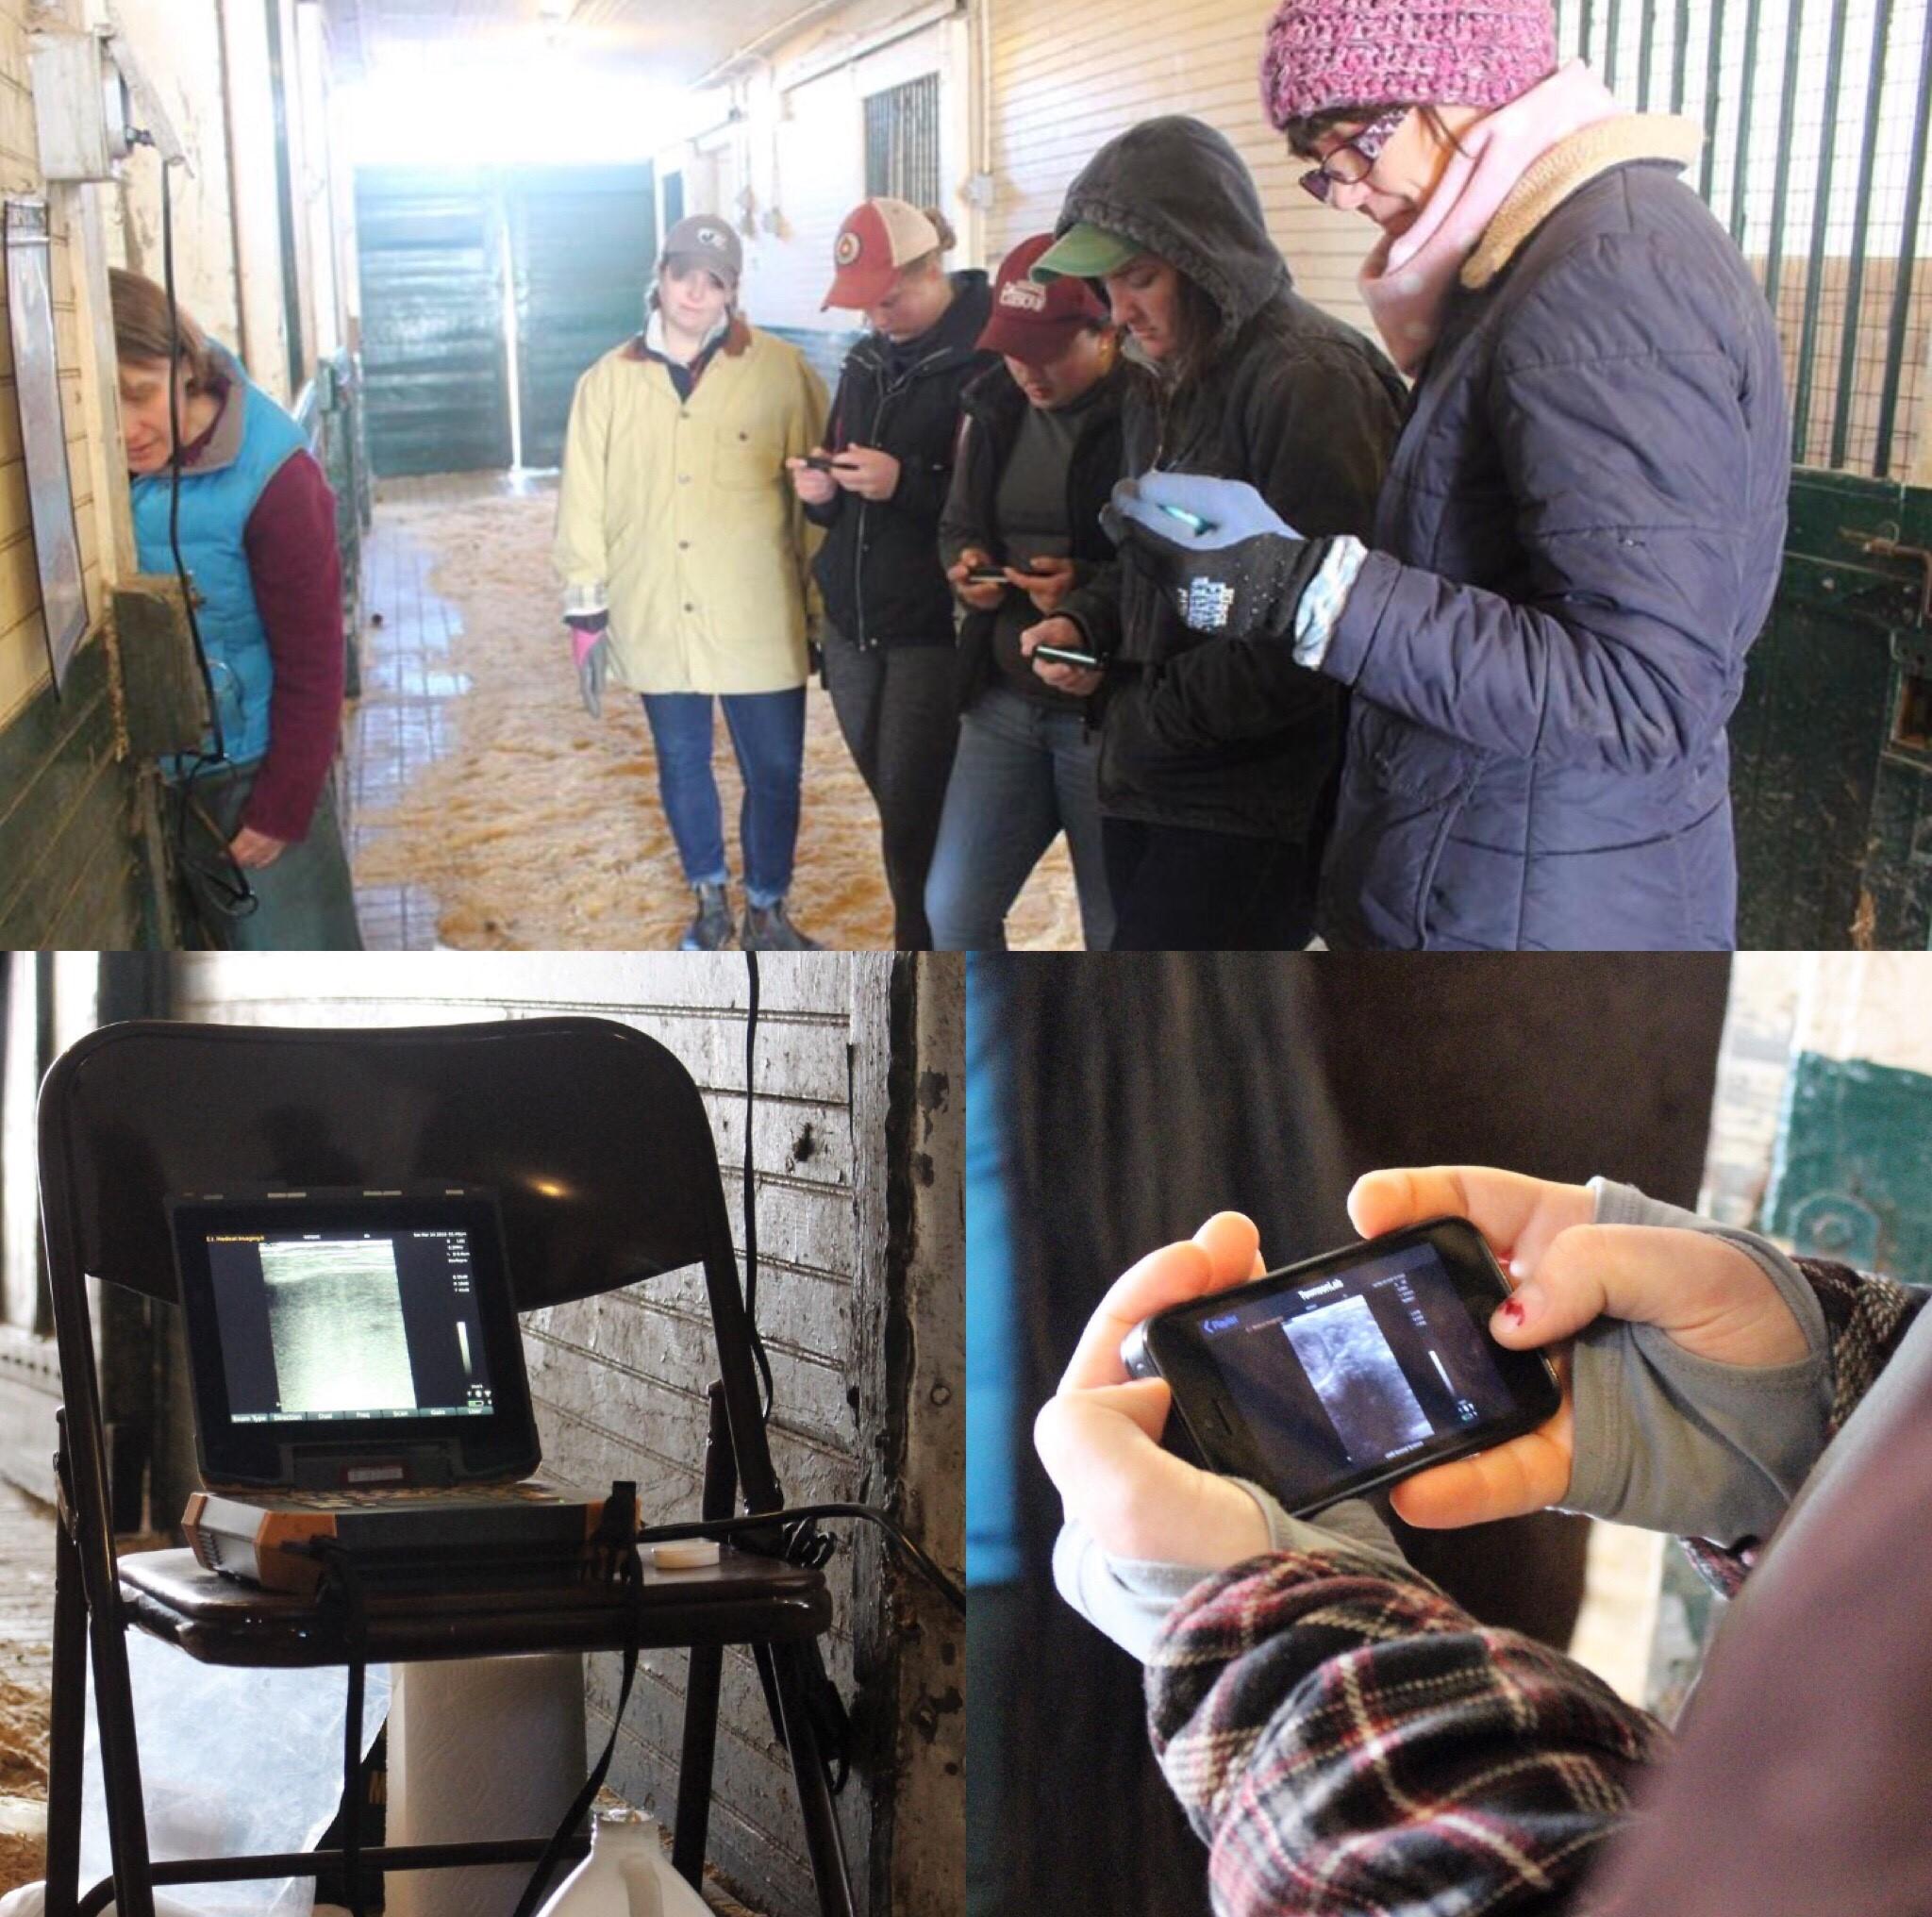 Students using ultrasound machine